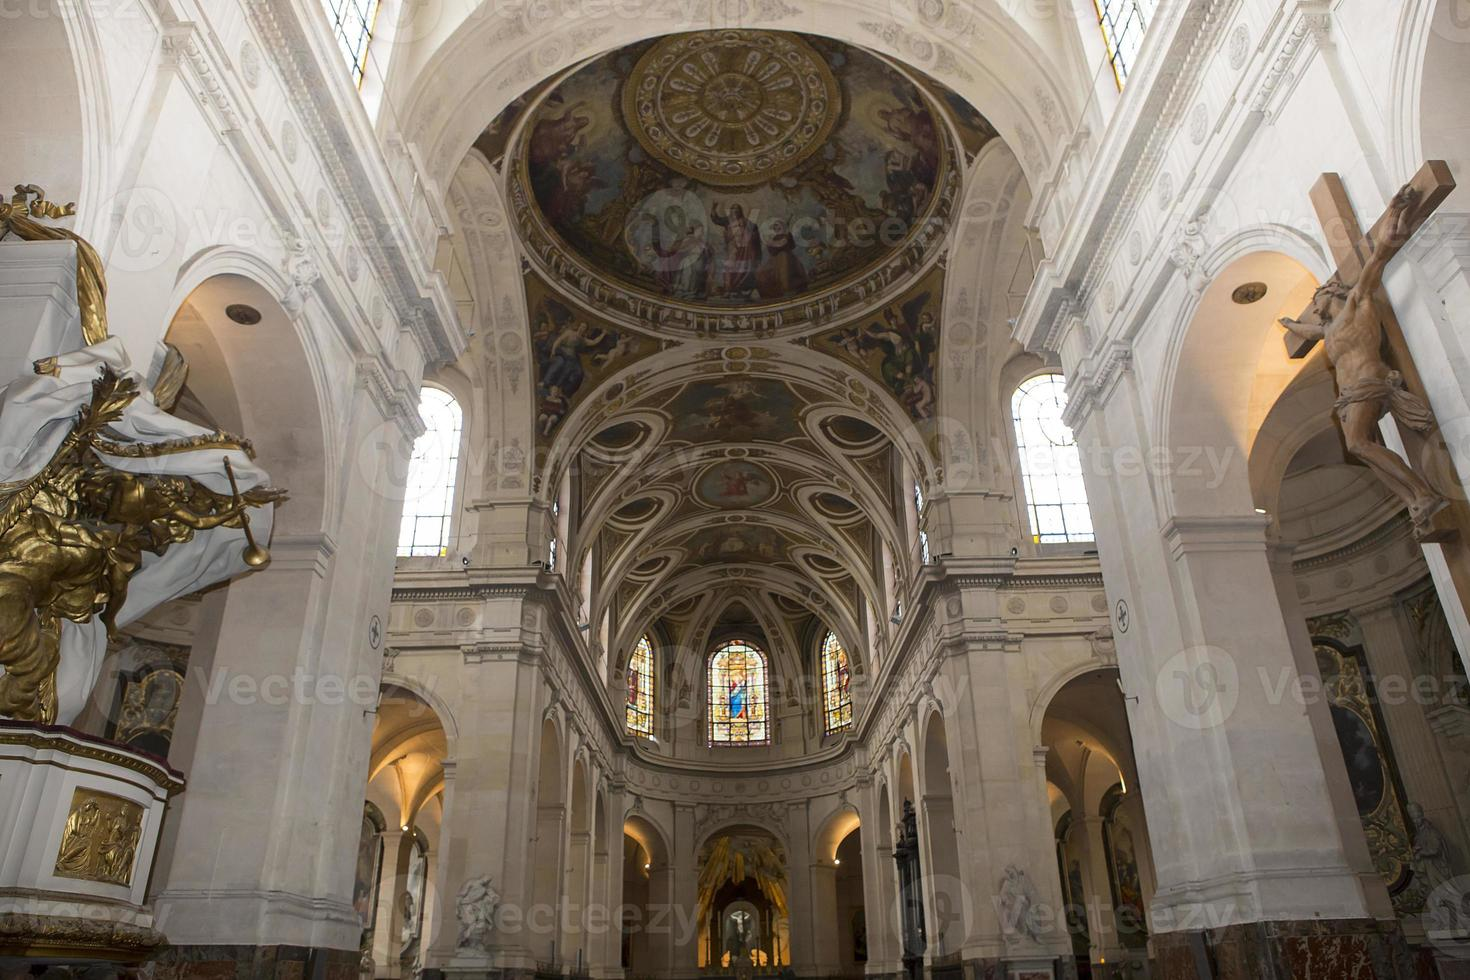 Interiores y detalles de la iglesia de Saint Roch, París, Francia foto